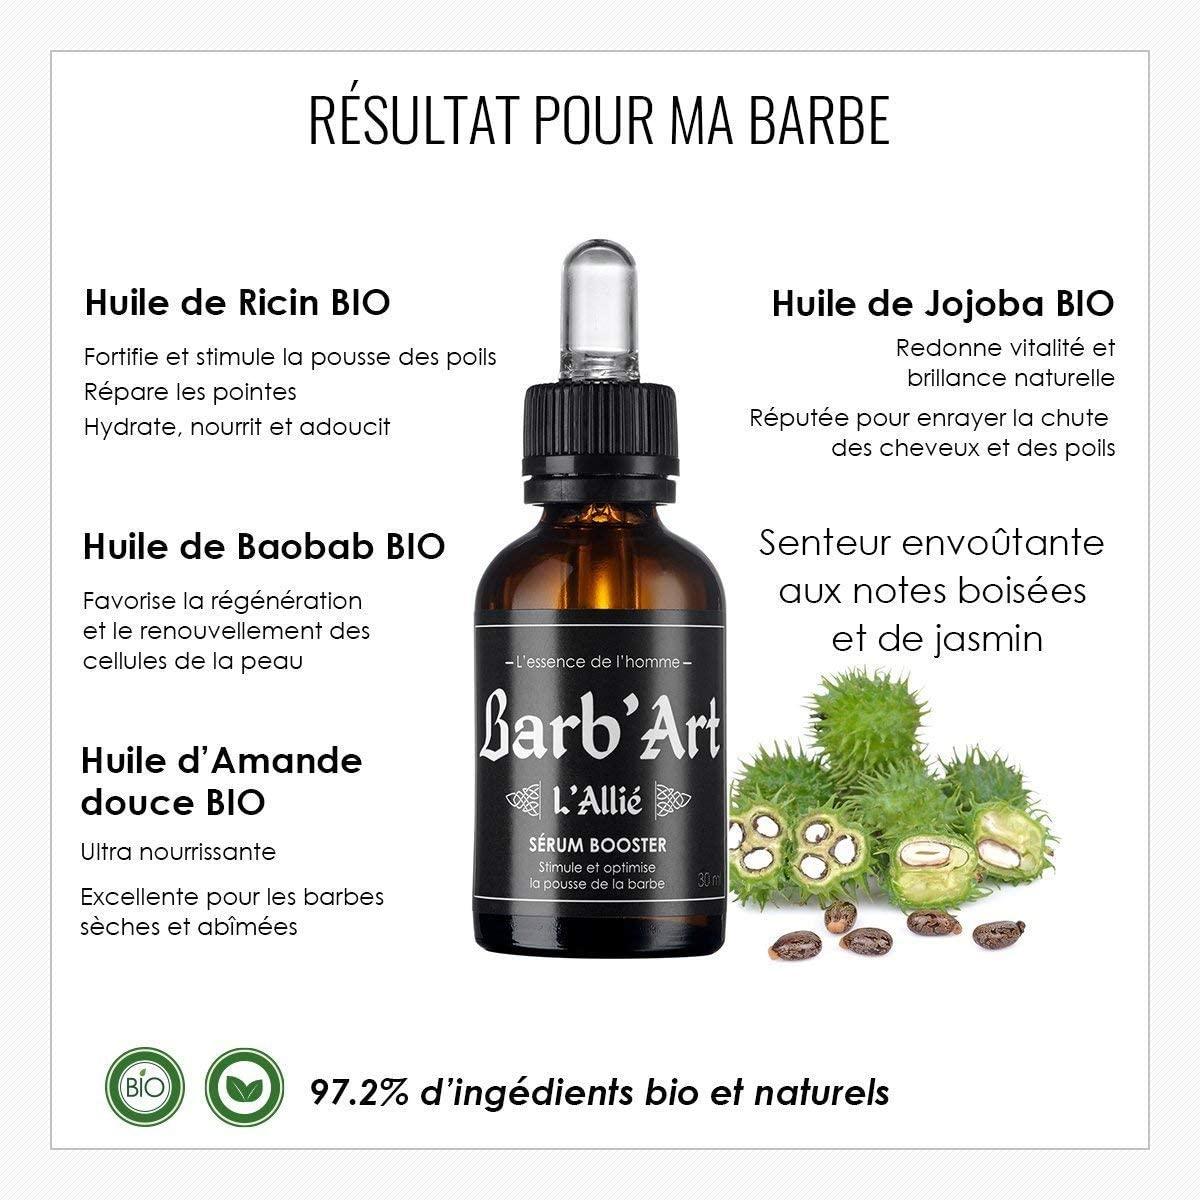 Barbart huile de ricin barbe bienfaits